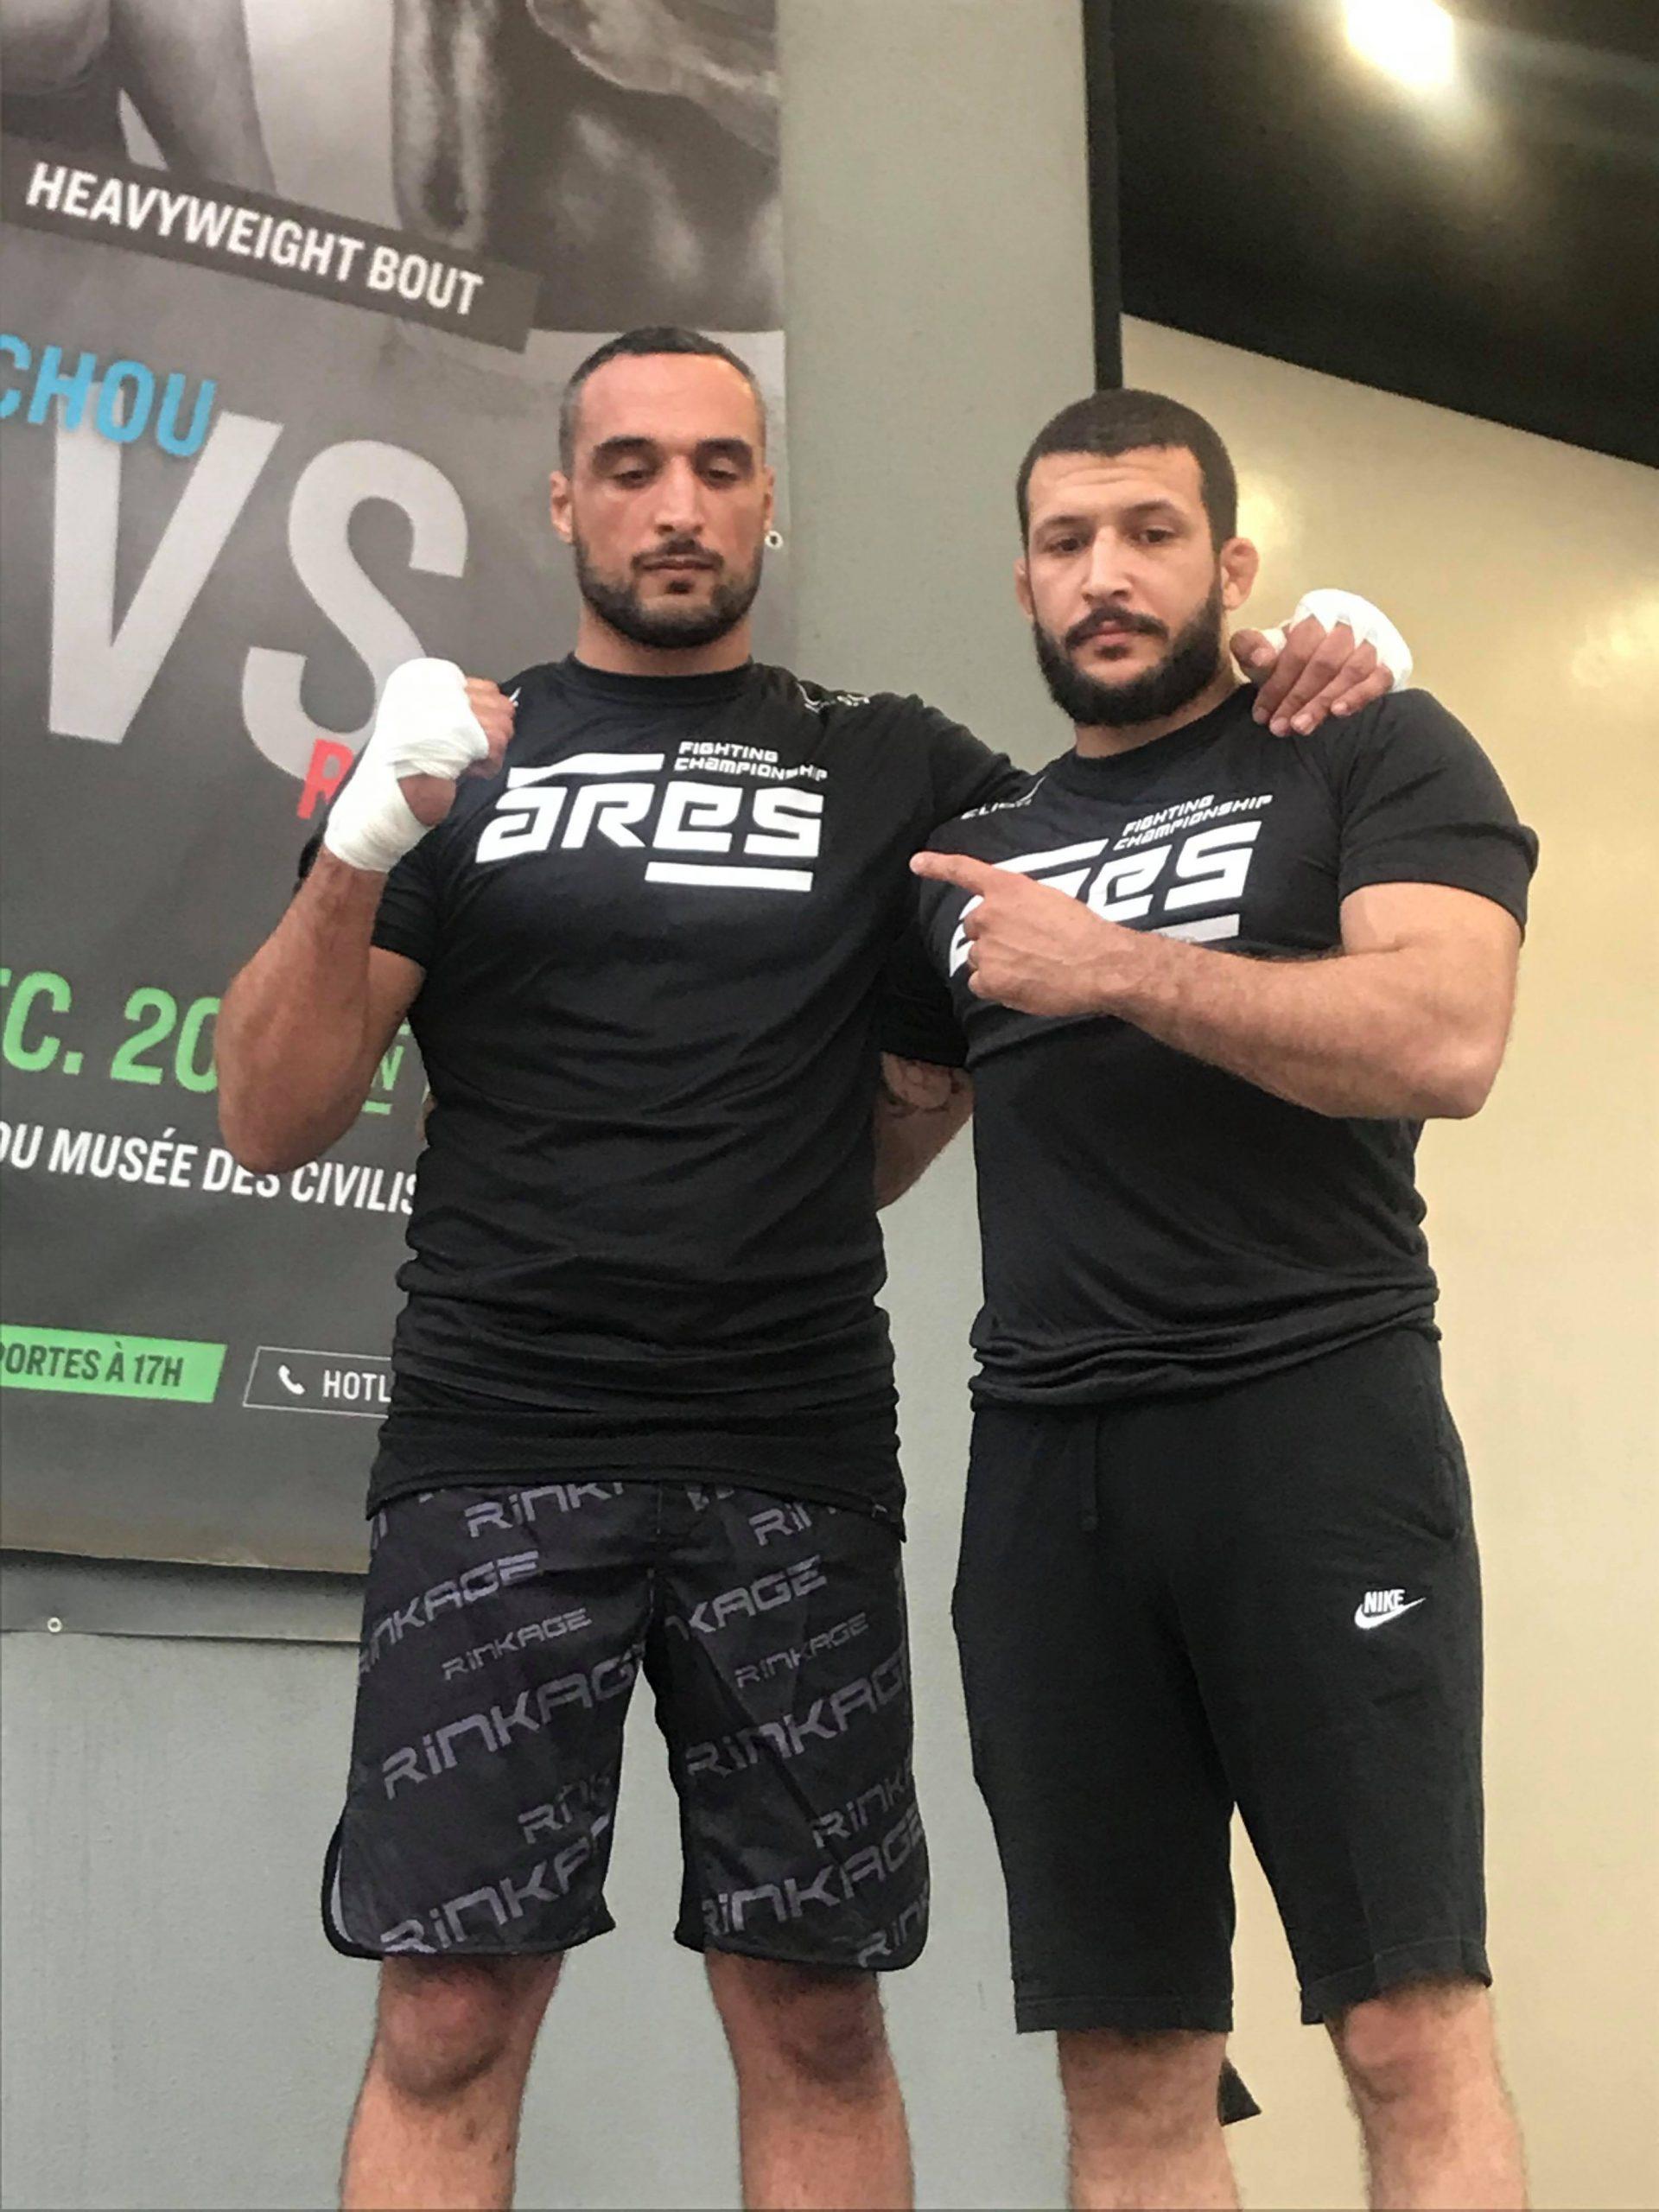 79540150 1413477248801647 5835274887698055168 n scaled - MMA : Reug Reug et son adversaire Sofiane, présentés au public (13 Photos)